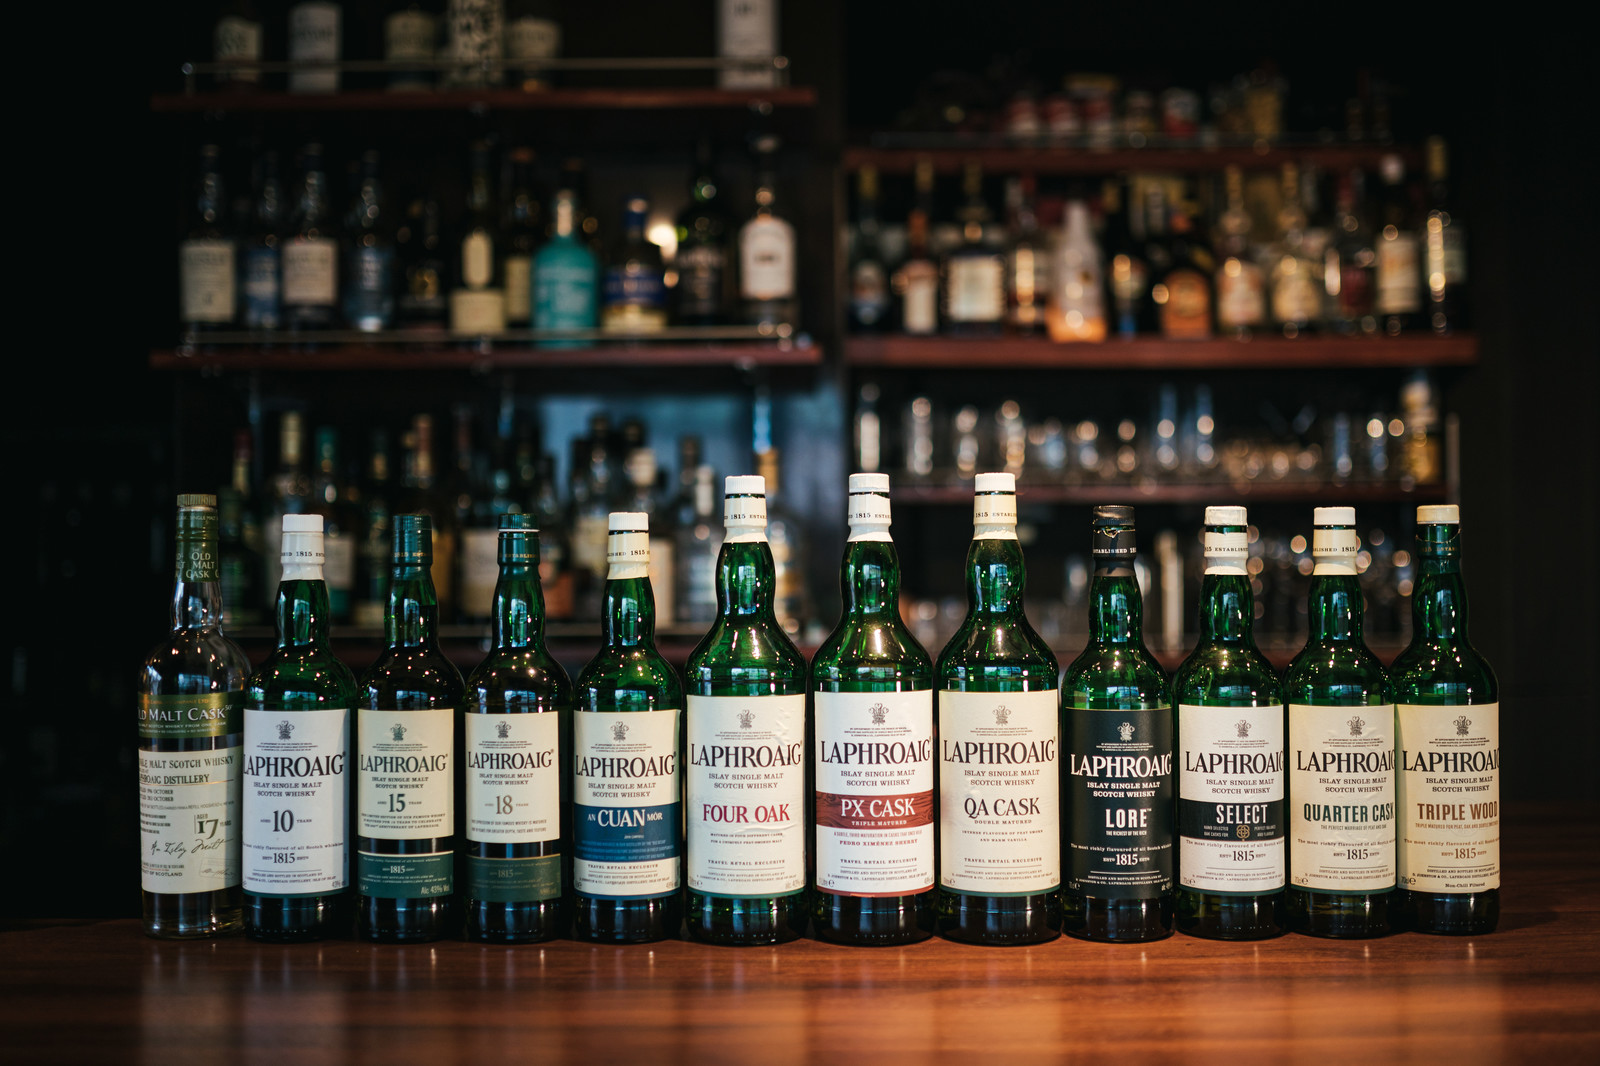 「シングルモルトウイスキー、ラフロイグの勢ぞろいの様子」の写真